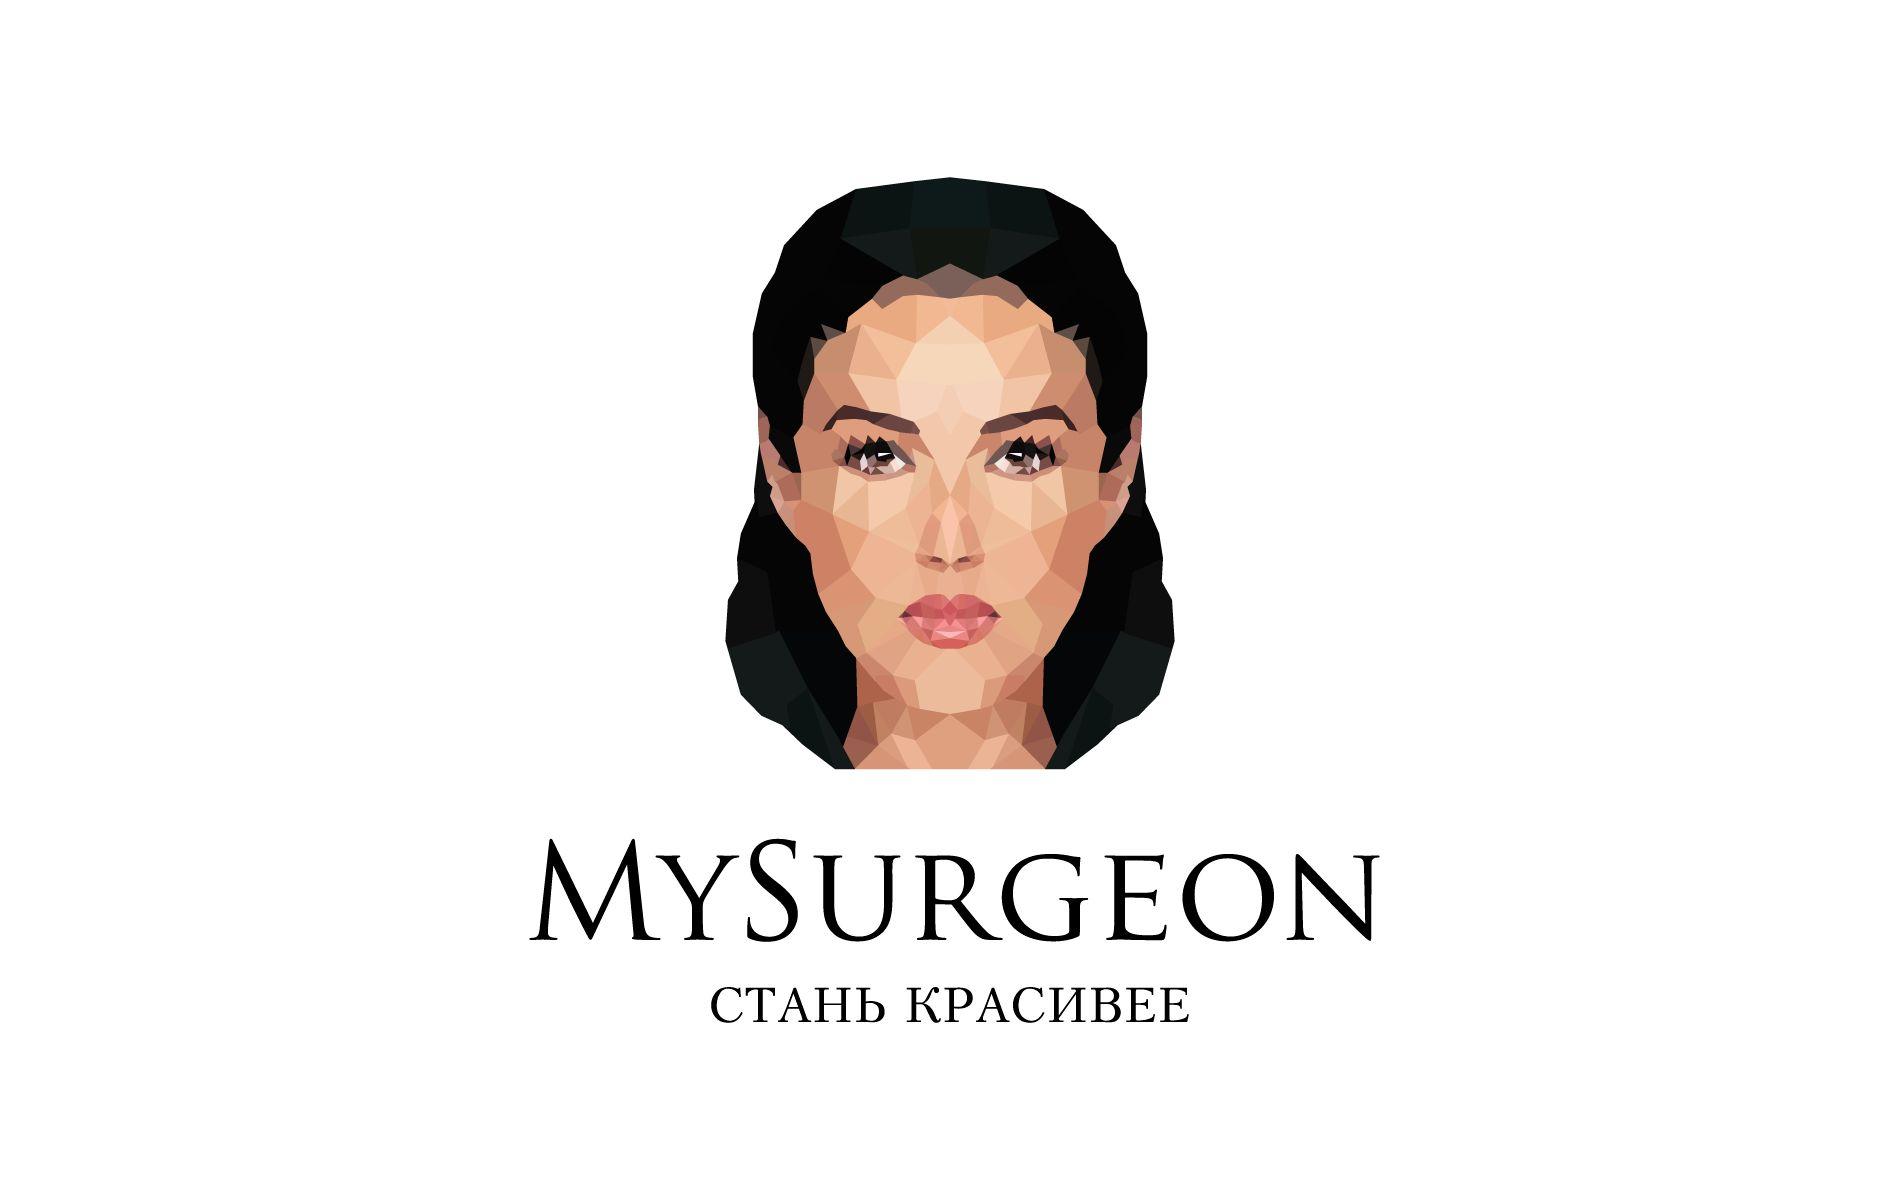 Обновление логотипа MySurgeon.ru - дизайнер Maslaev